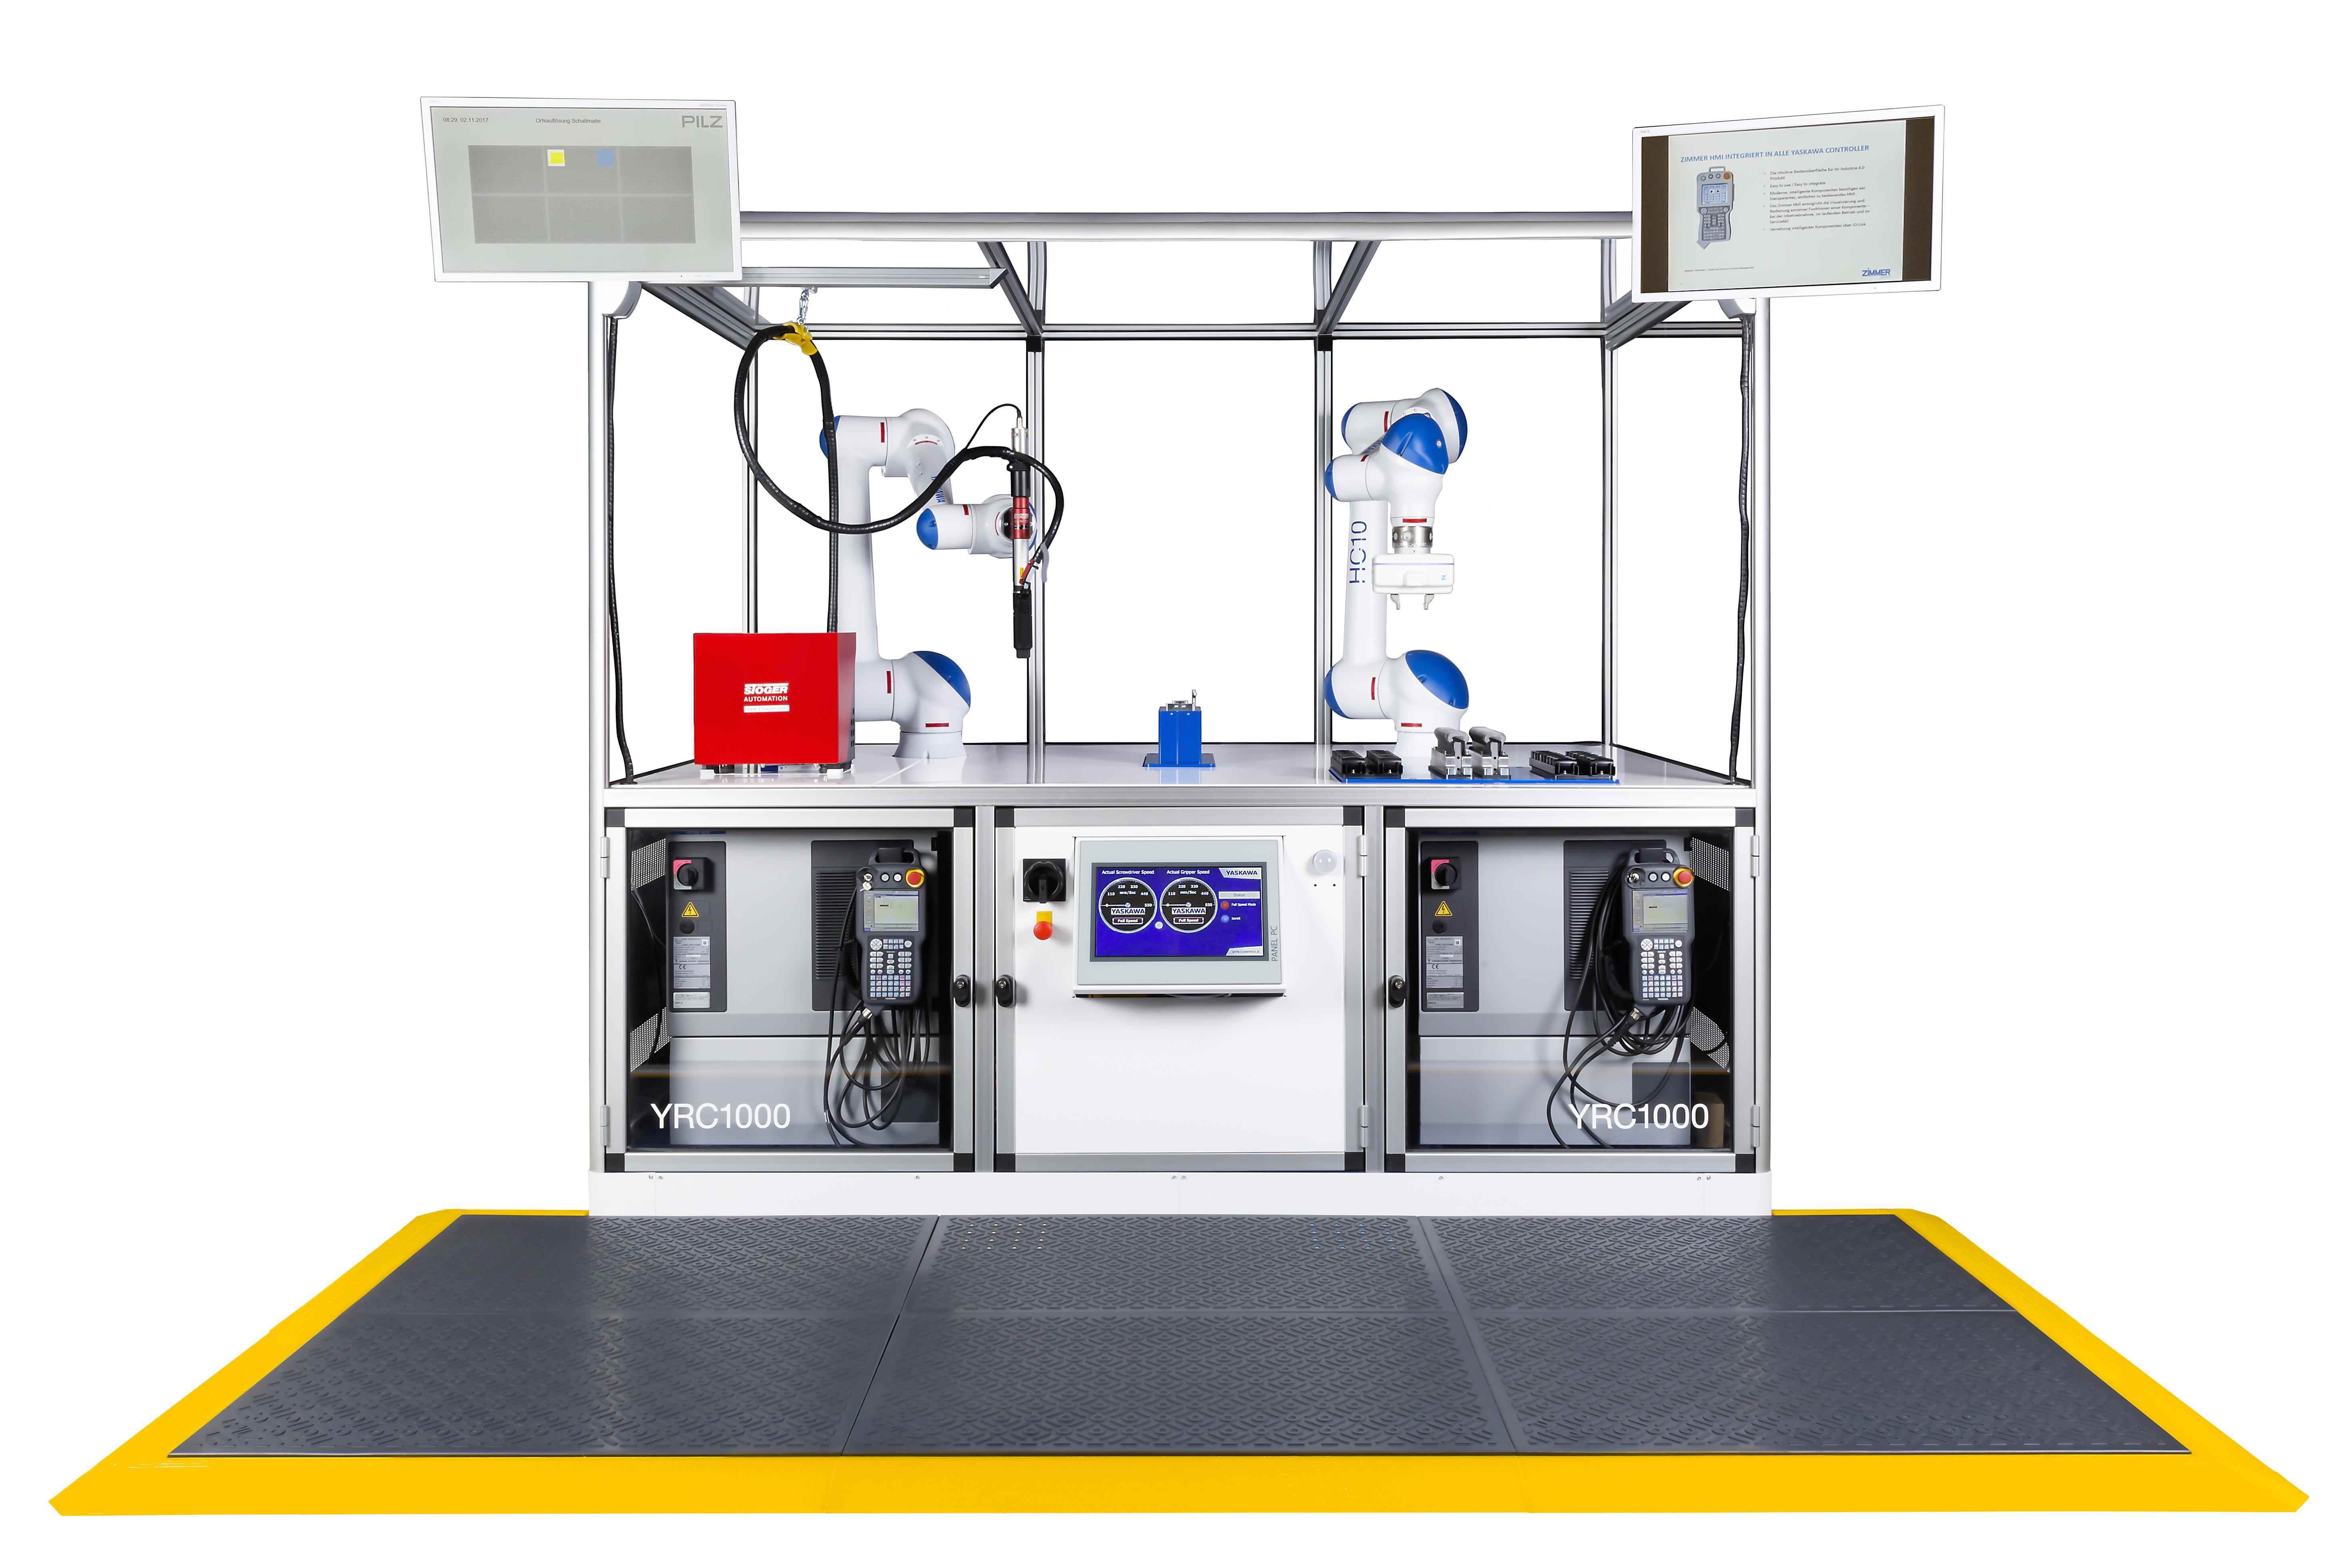 Im digitalen Umfeld präsentiert Yaskawa auf der Hannover Messe auch aktuelle Automatisierungslösungen mit Motoman-Industrierobotern. U.a. werden zwei Motoman HC10 in einer Showzelle Flaschenöffner montieren und als Give-Away an die Standbesucher verteilen.